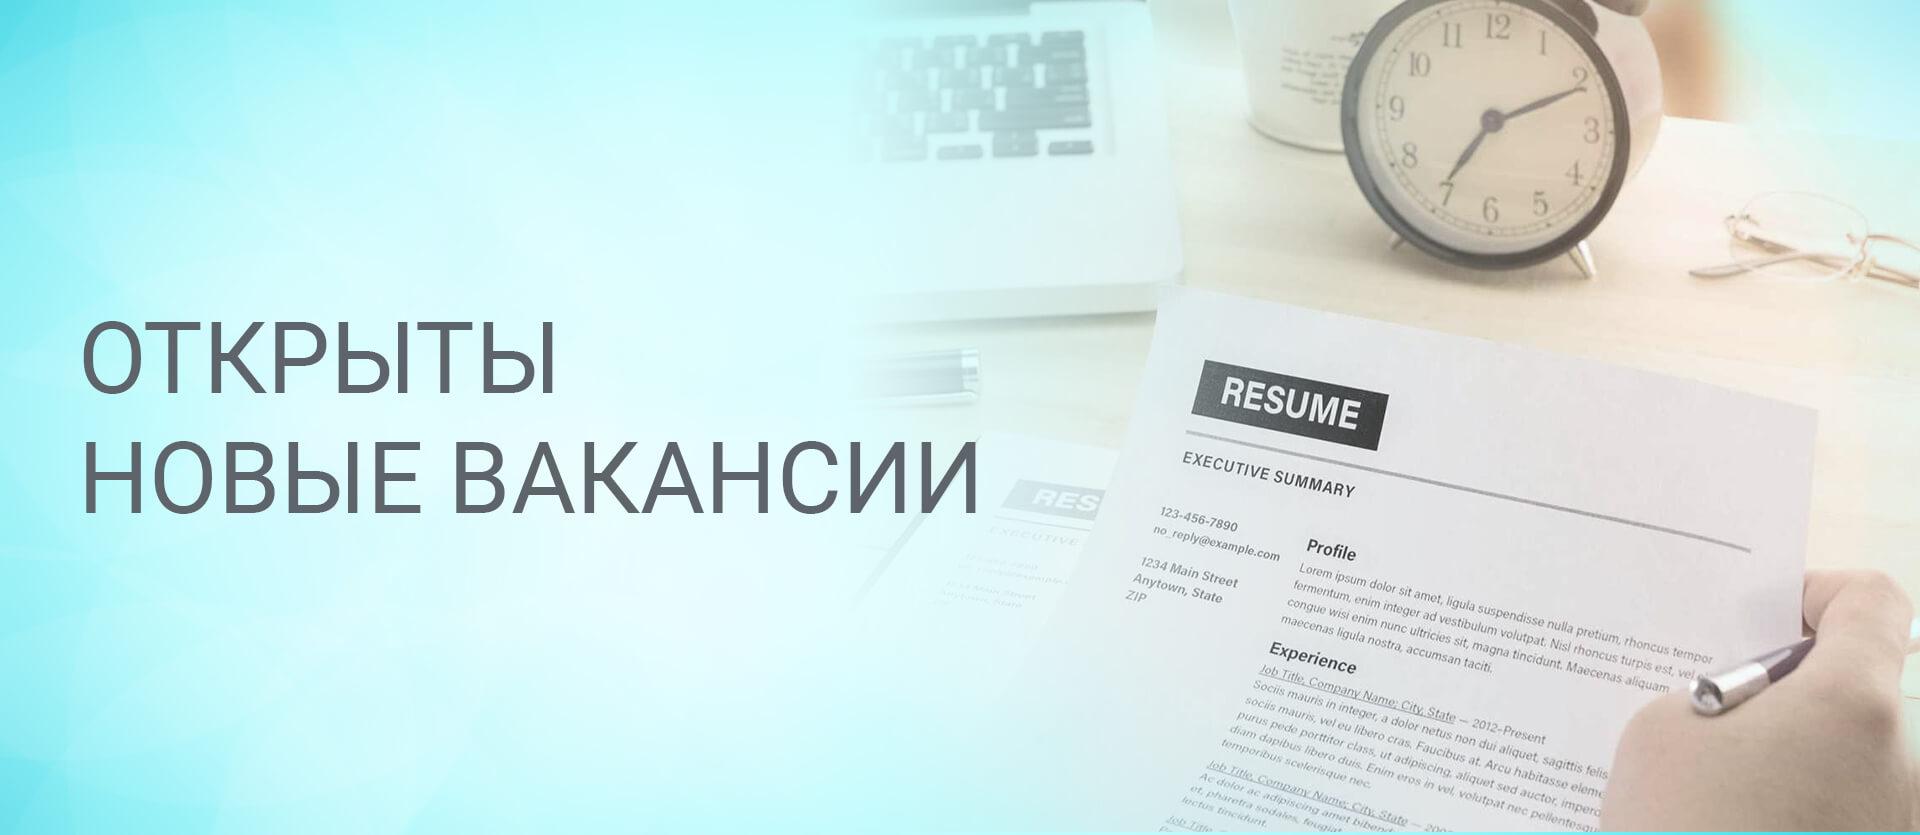 Открыты новые вакансии